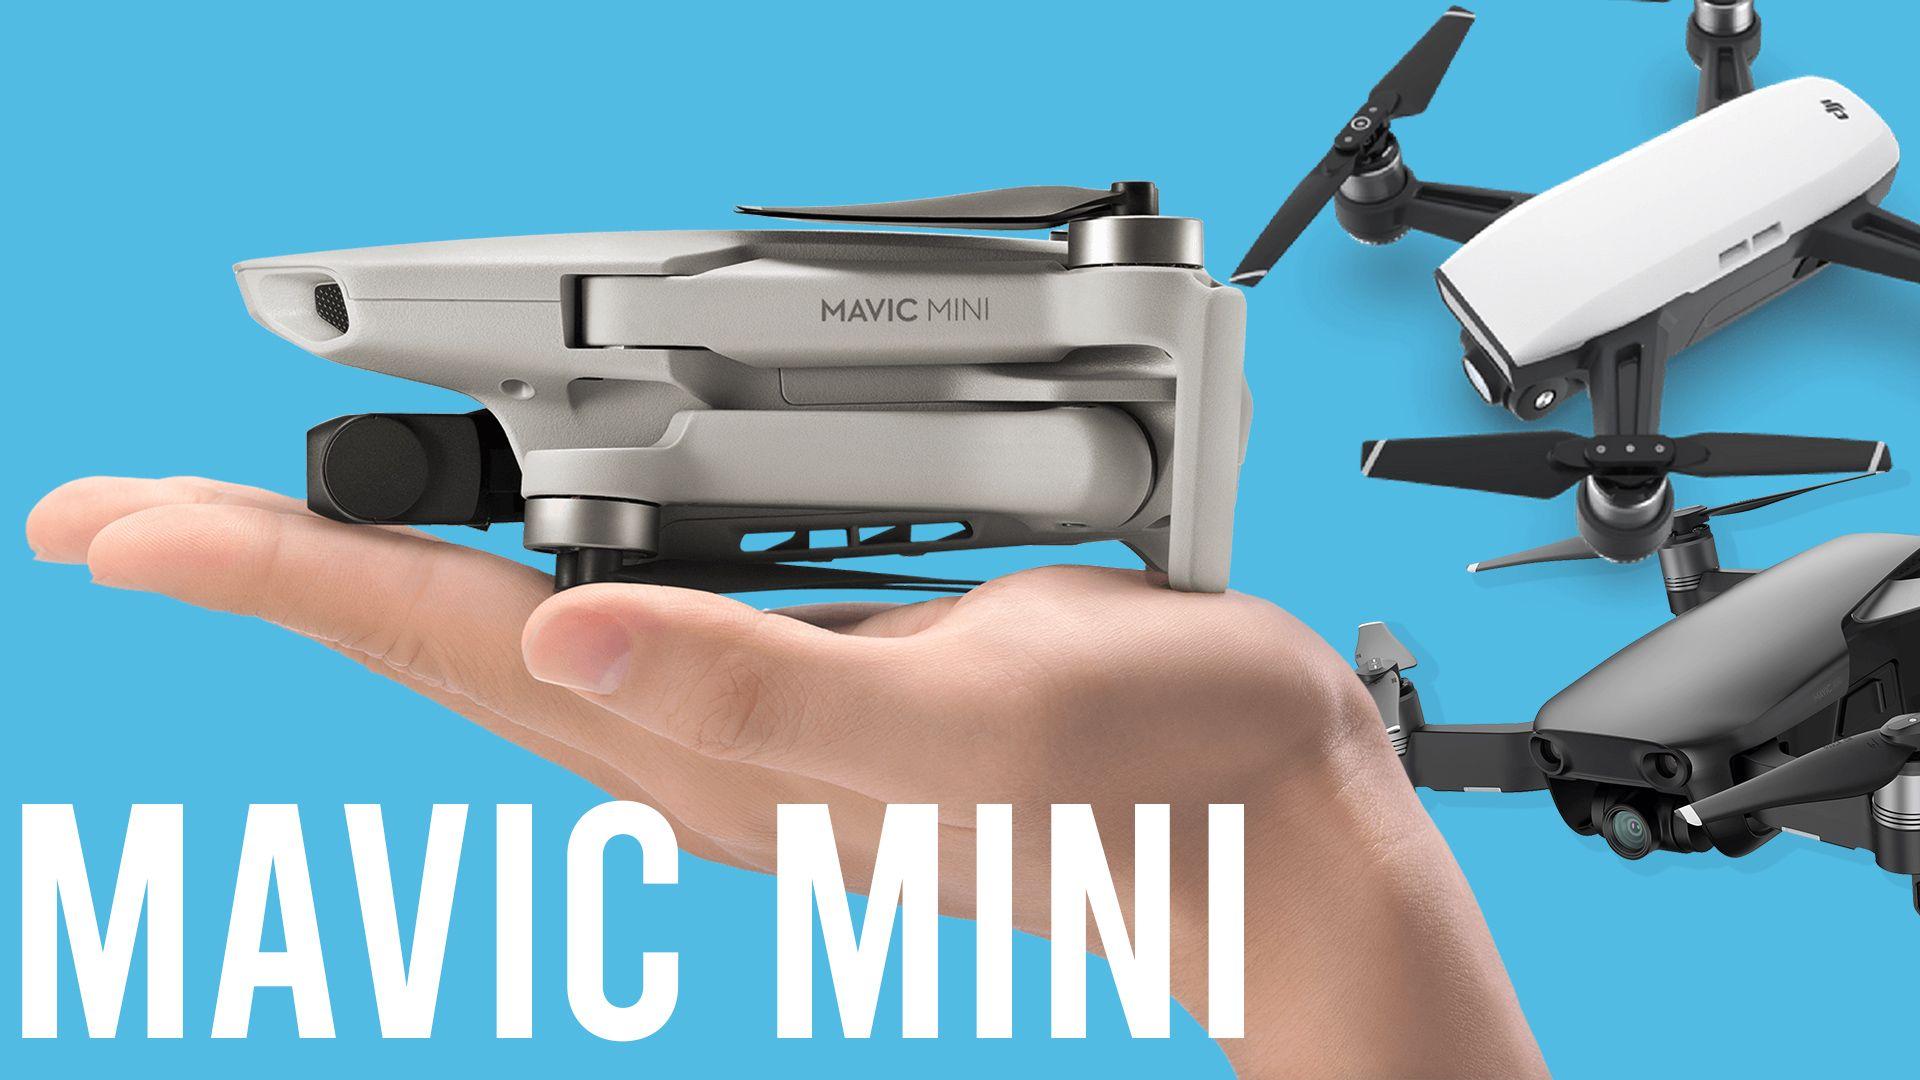 DJI Mavic Mini vs DJI Spark vs Mavic Air (table comparison